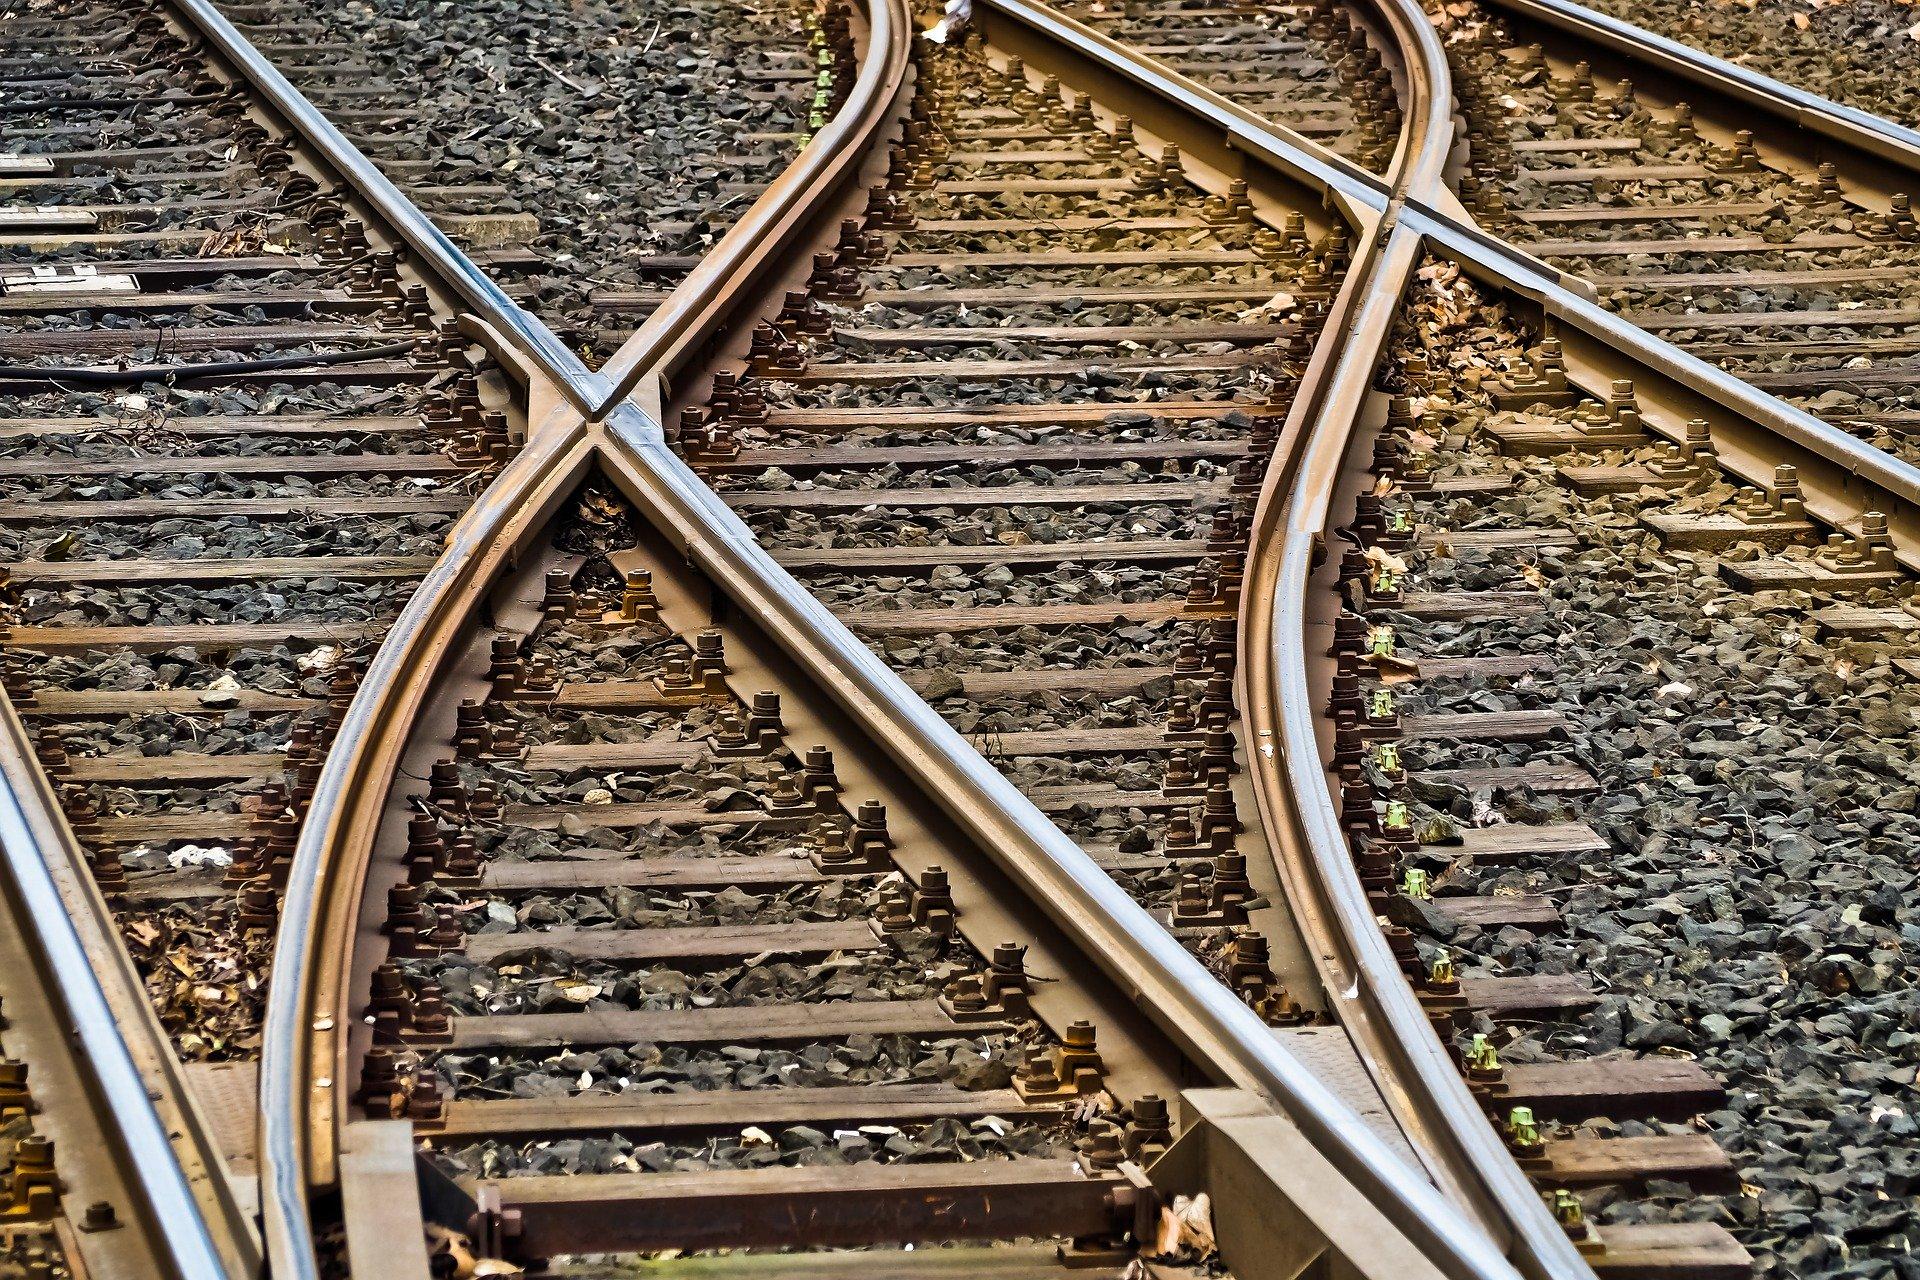 Entscheidungslust Und Entscheidungsschreck: Die Rolle Von Entscheidungen In Selbstorganisation